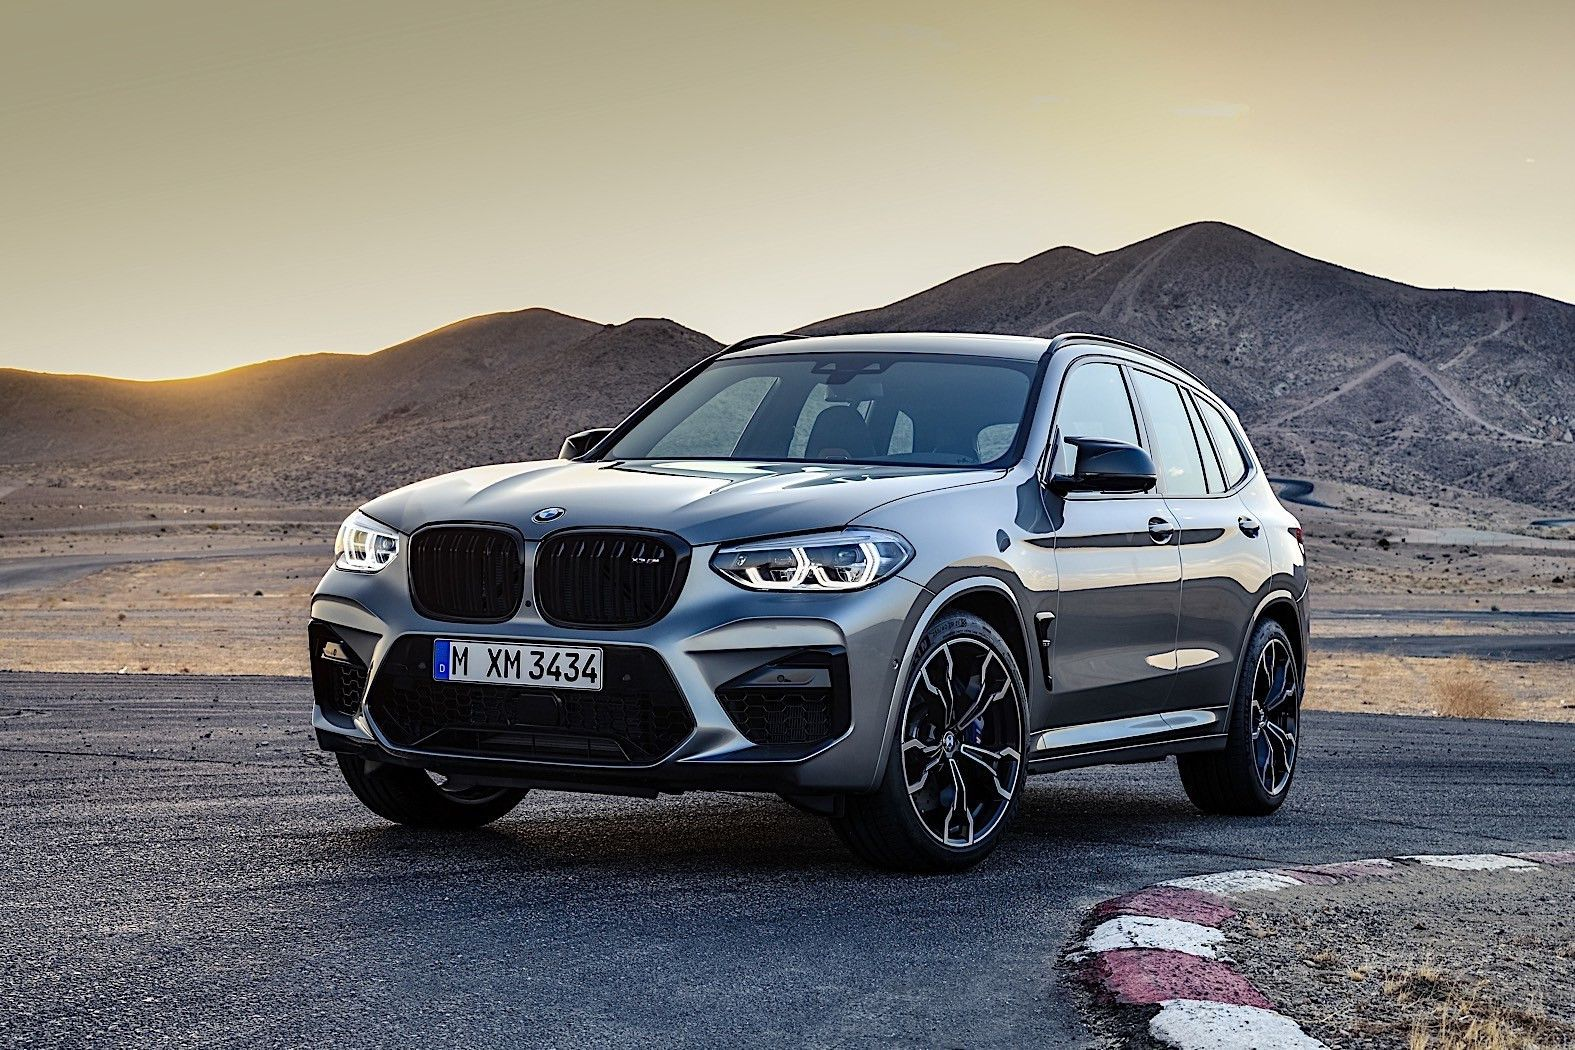 被M系列盘过的总不会差 新款BMW X3 M喜欢吗